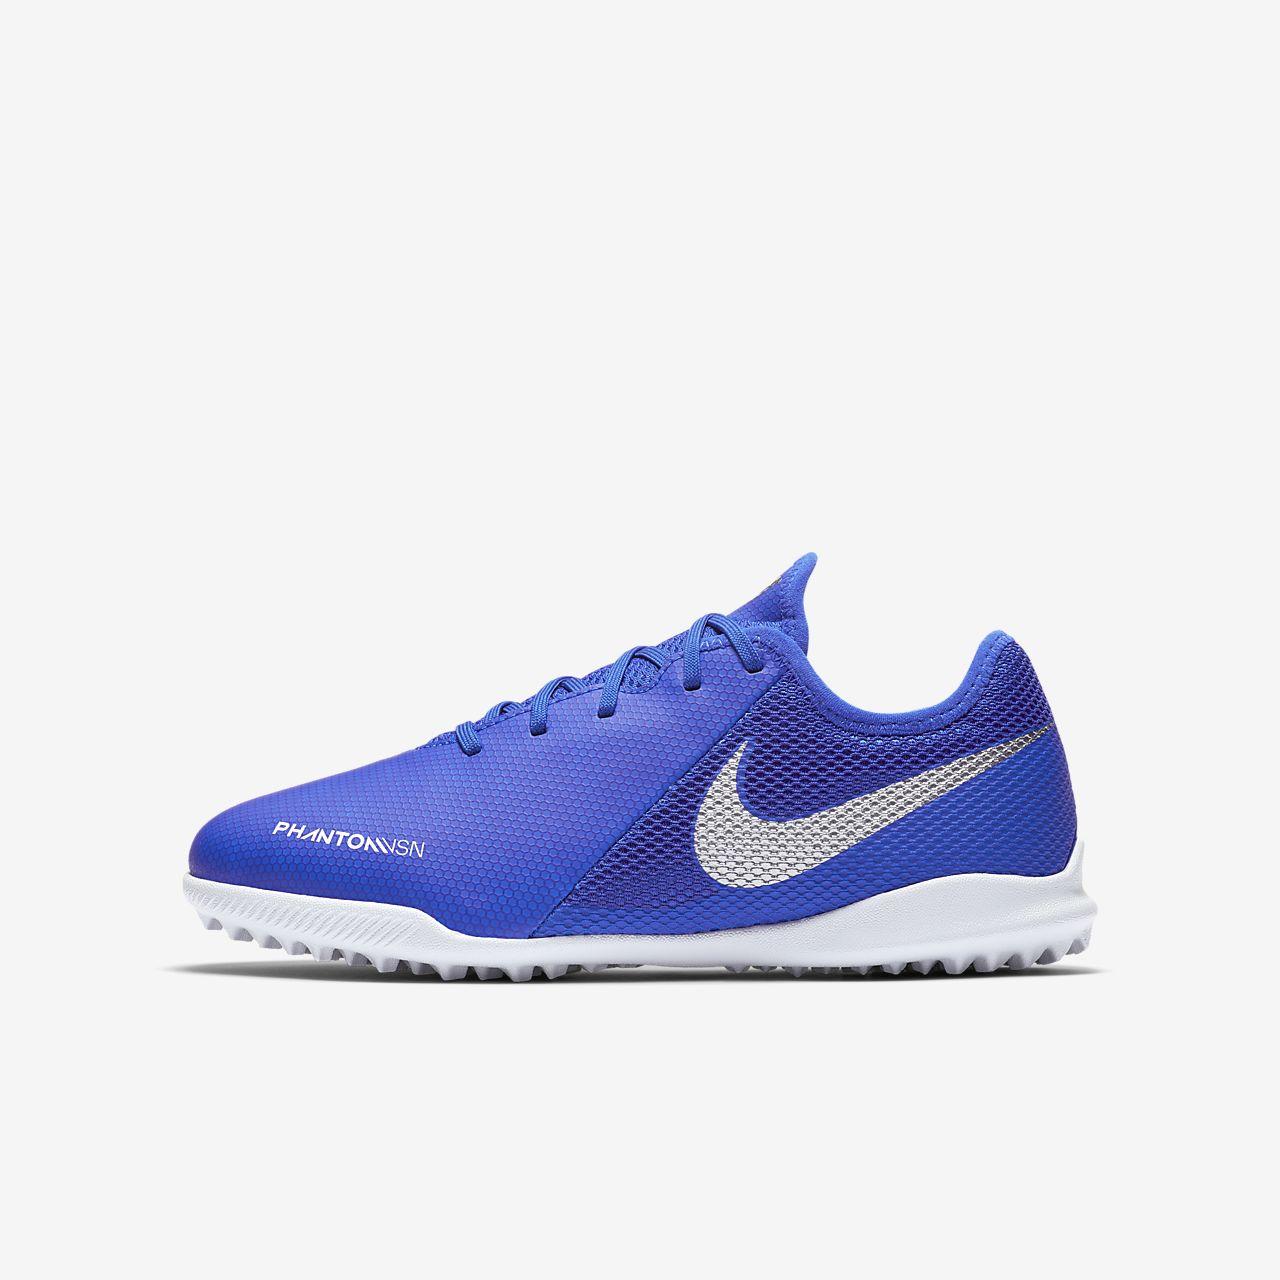 Chaussure de football pour surface synthétique Nike Jr. Phantom Vision Academy TF pour Jeune enfant/Enfant plus âgé